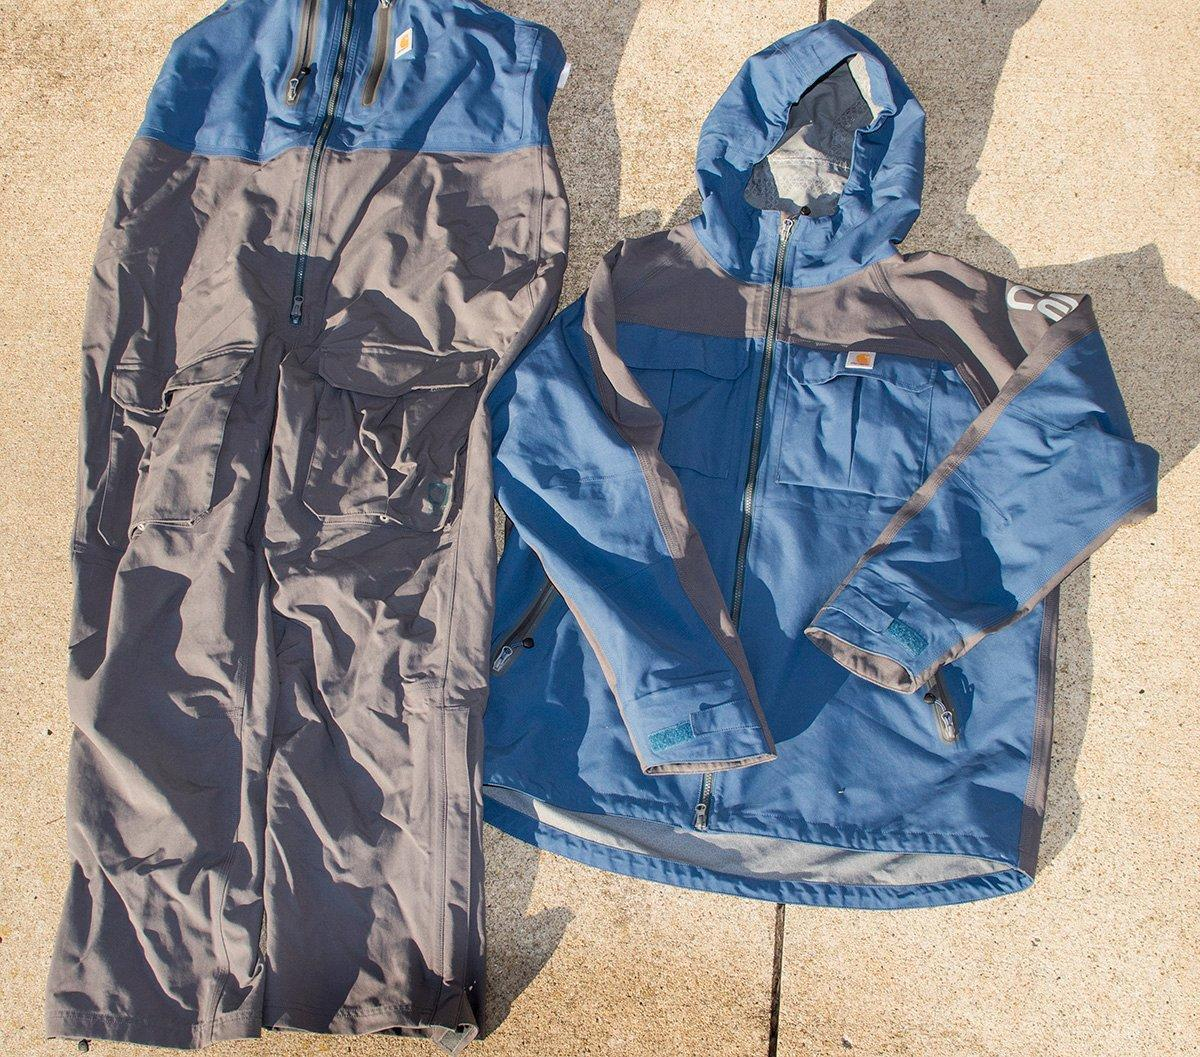 carhartt-FE-rainsuit-front-.jpg